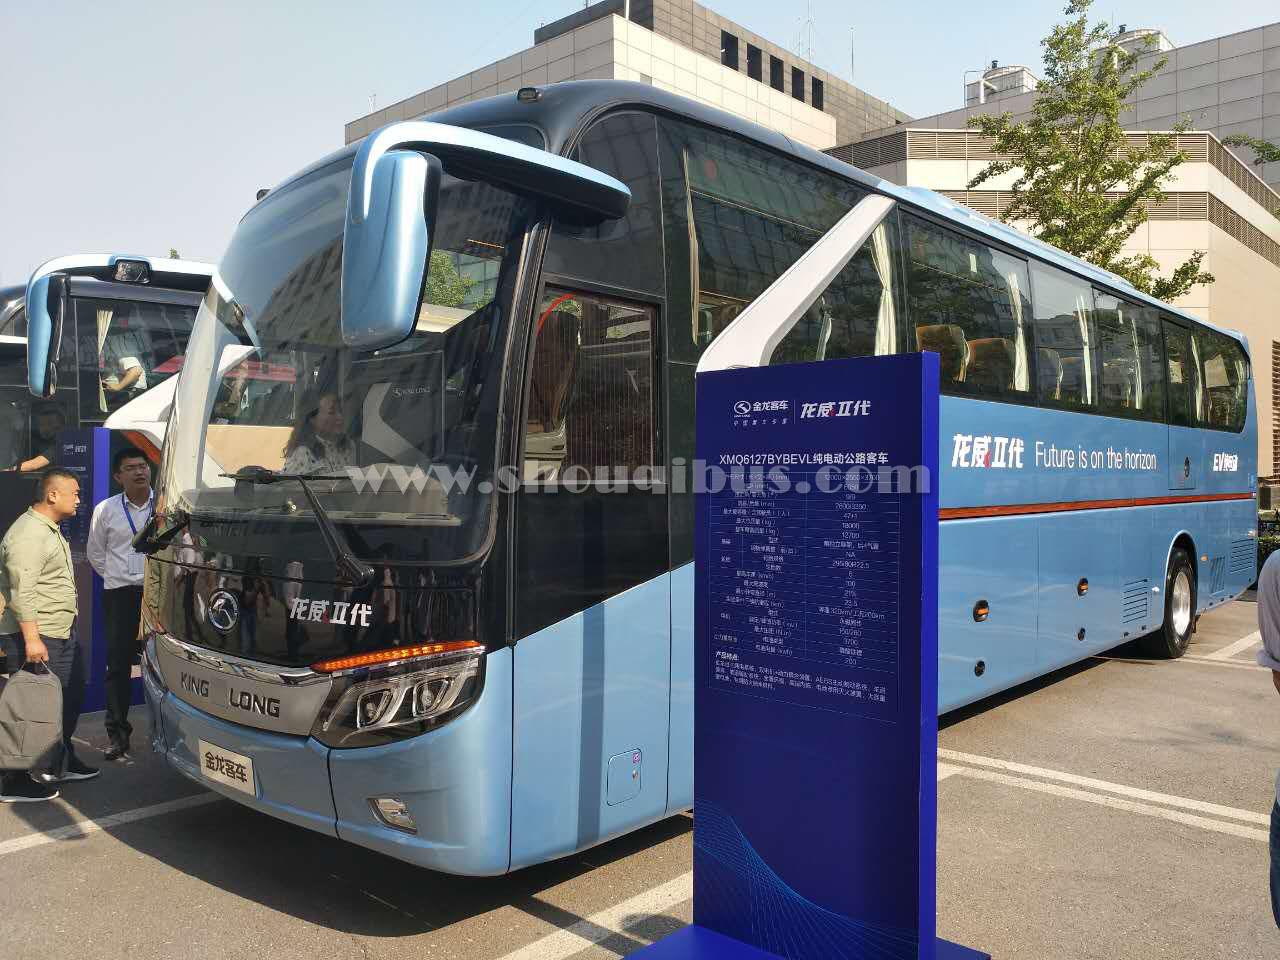 北京租大巴一天多少钱?